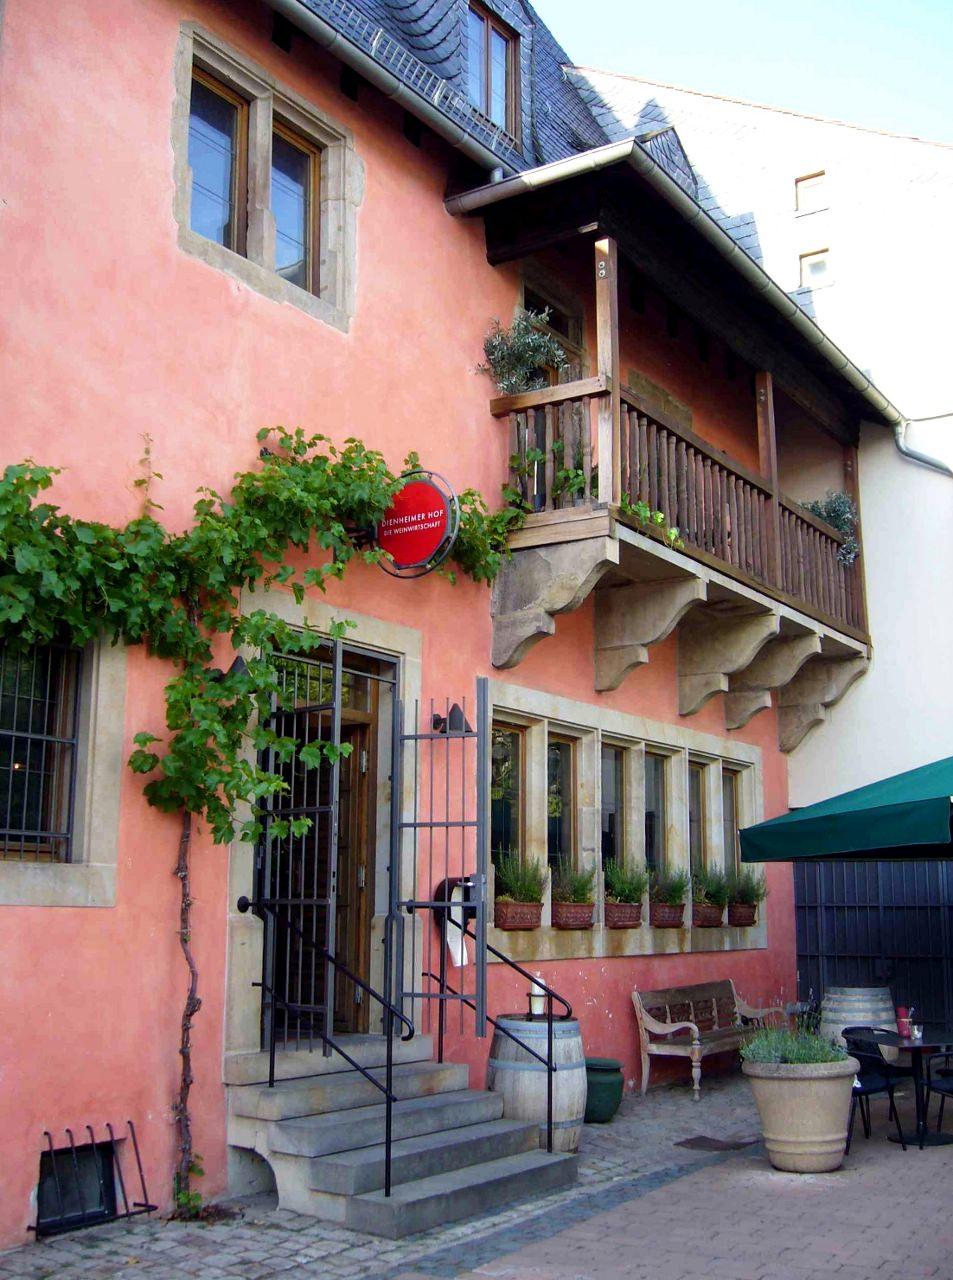 Der im 16. Jahrhundert erbaute Dienheimer Hof in Bad Kreuznach.